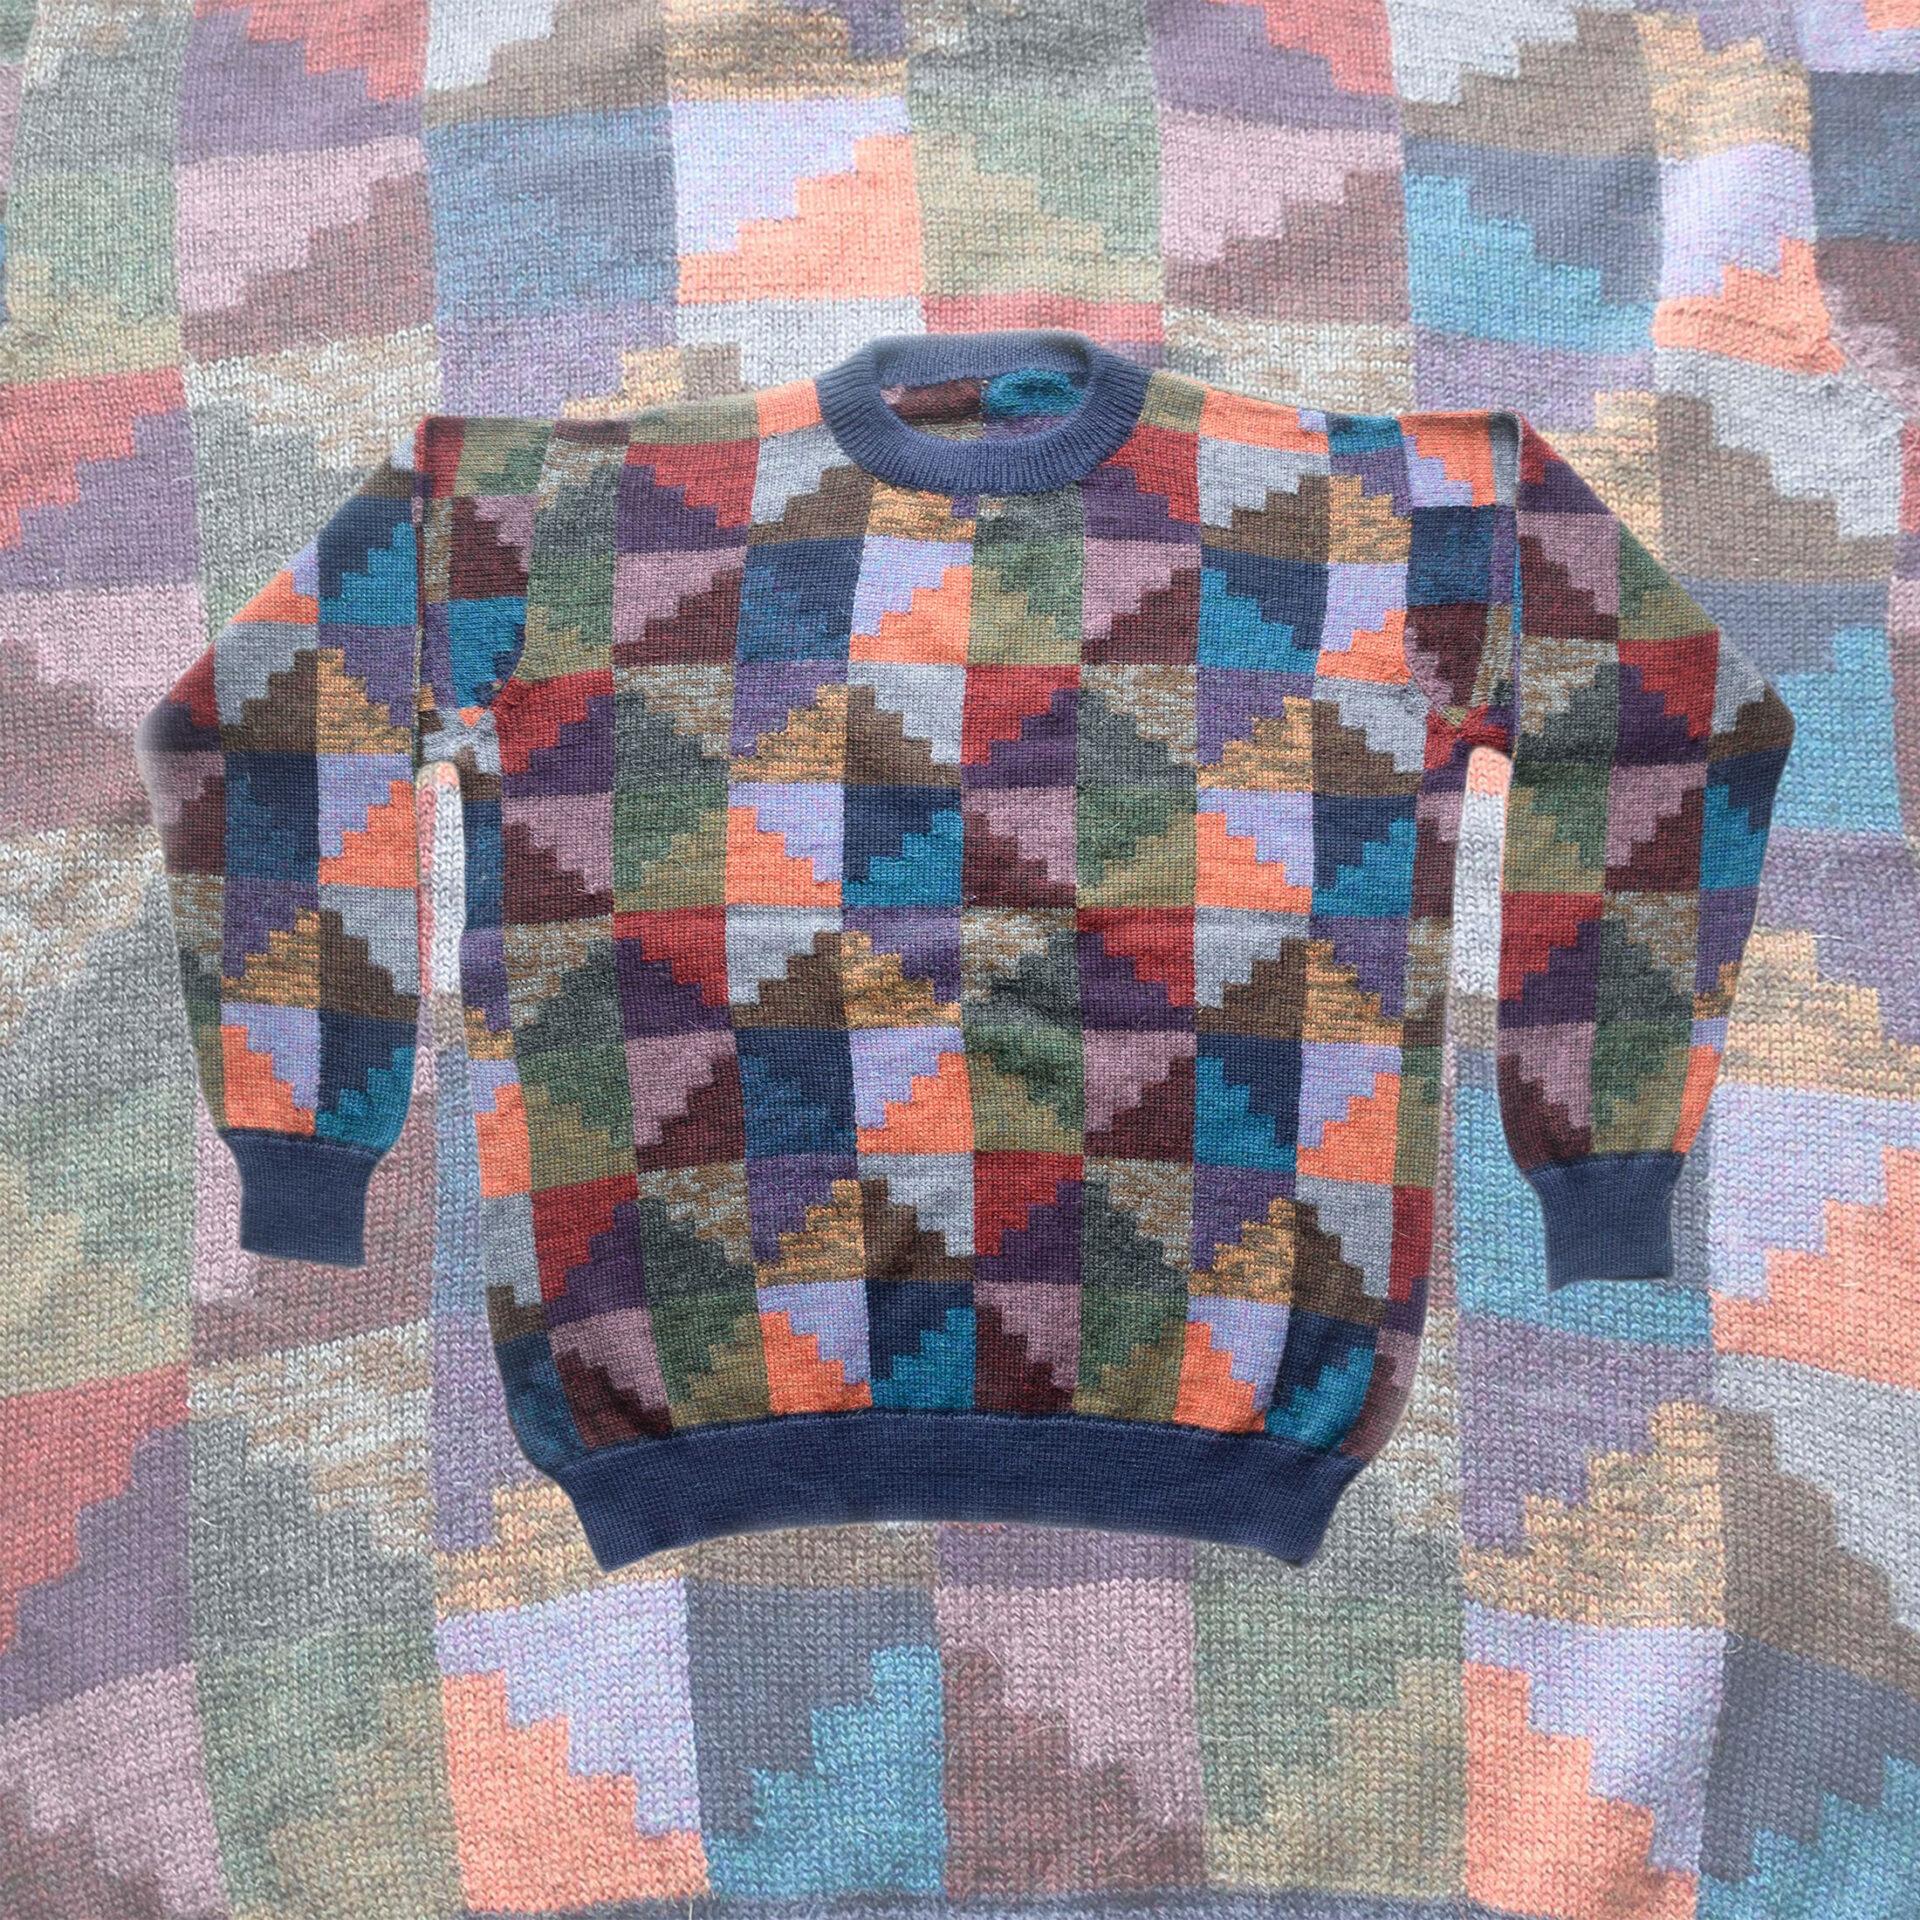 PopsFL knitwear men sweater intarsia knitted 100% alpaca